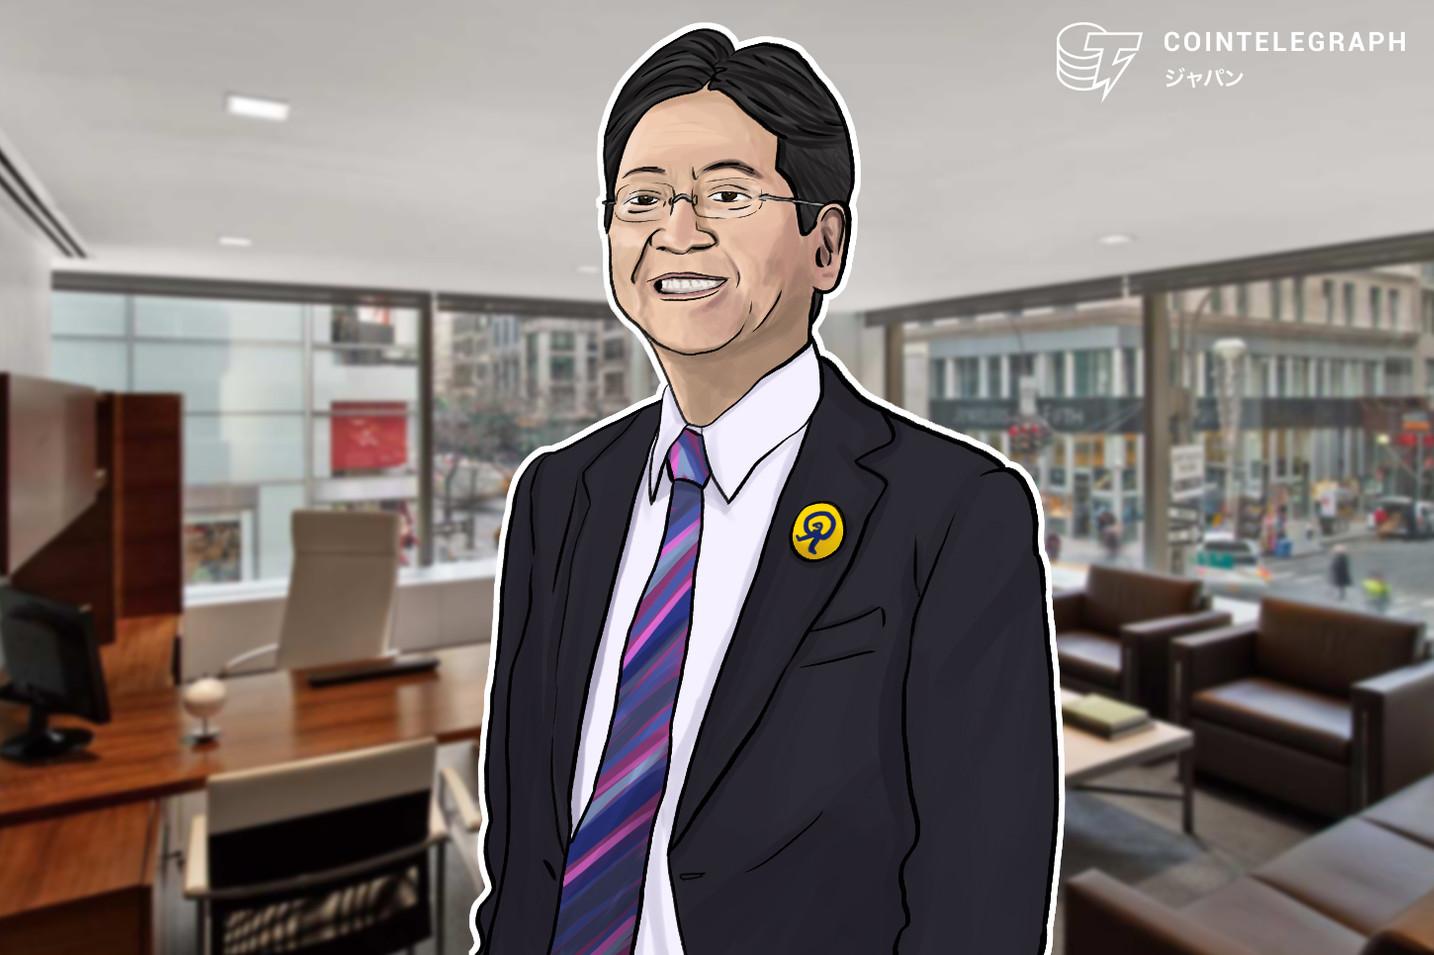 【追記あり】マネックス 米国子会社が2019年度第1四半期に仮想通貨トレーディング開始 アジア地域でSTOサービス展開も視野